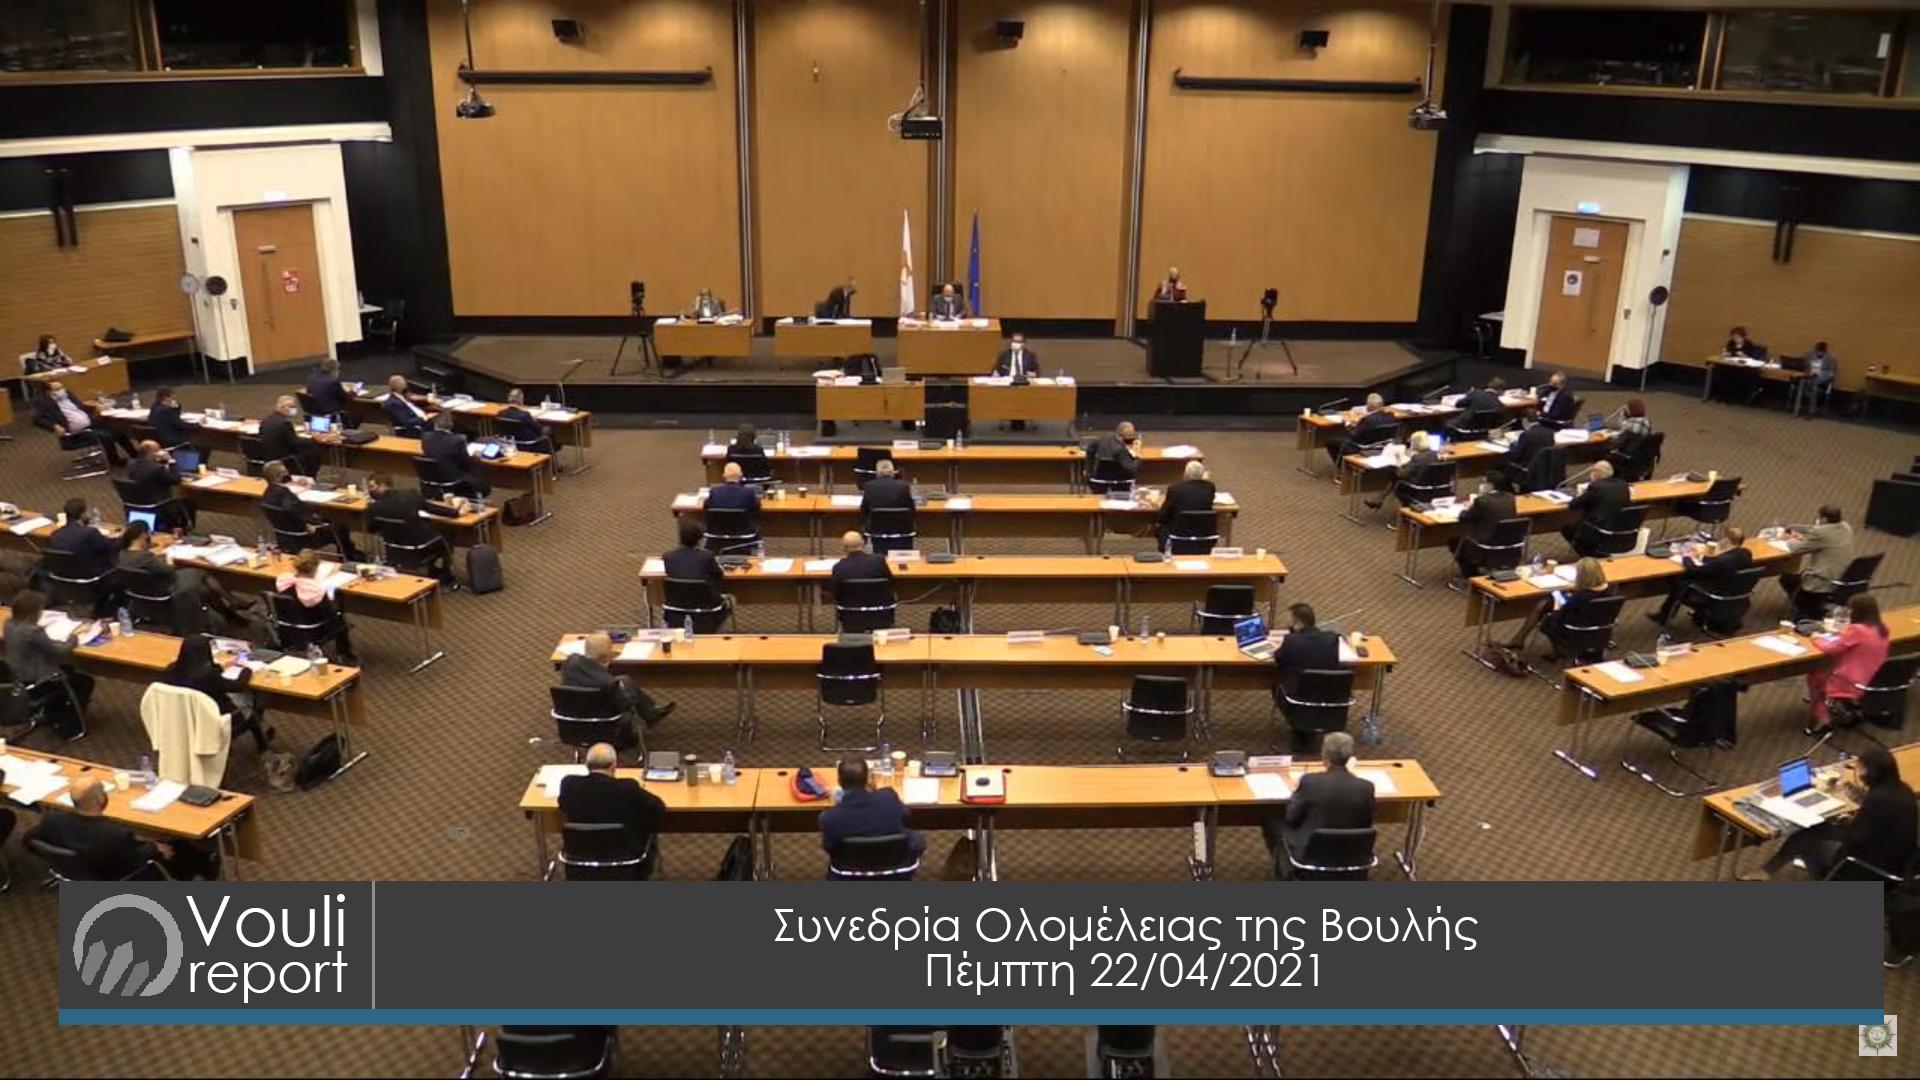 Συνεδρία Ολομέλειας της Βουλής | 22/04/2021